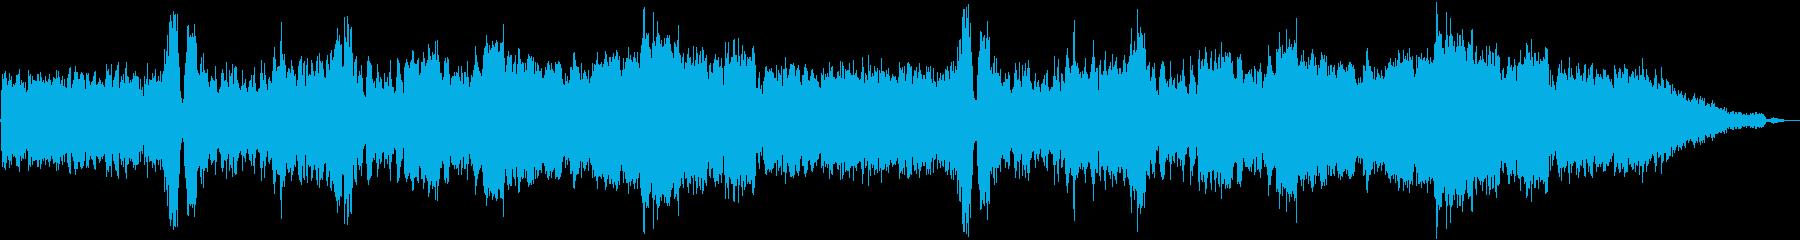 メニュー選択画面_壮大なオーケストラの再生済みの波形